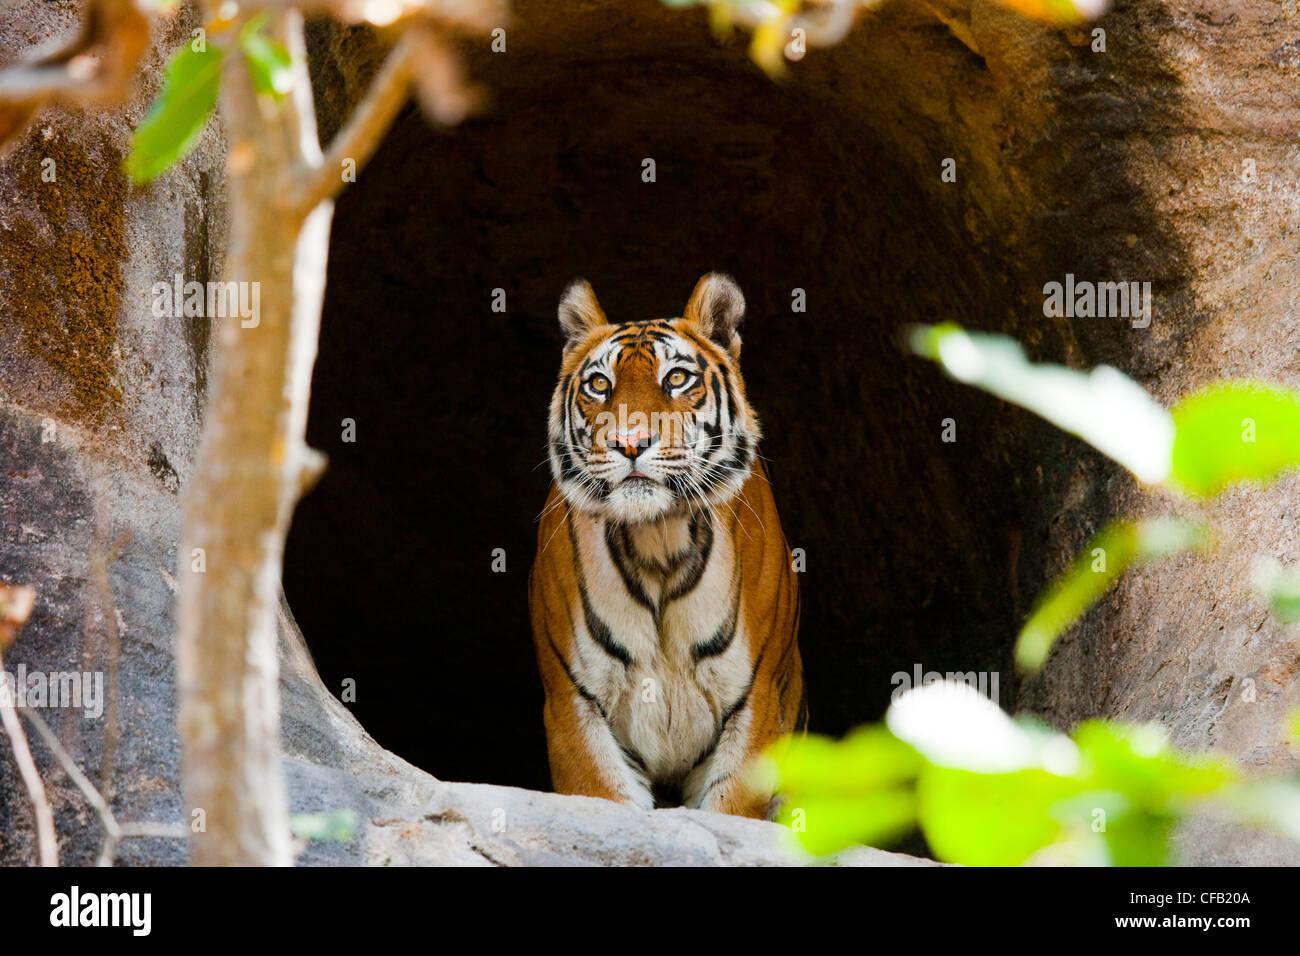 Tigre de Bengala, el Parque Nacional de Bandhavgarh, en Madhya Pradesh, India Imagen De Stock